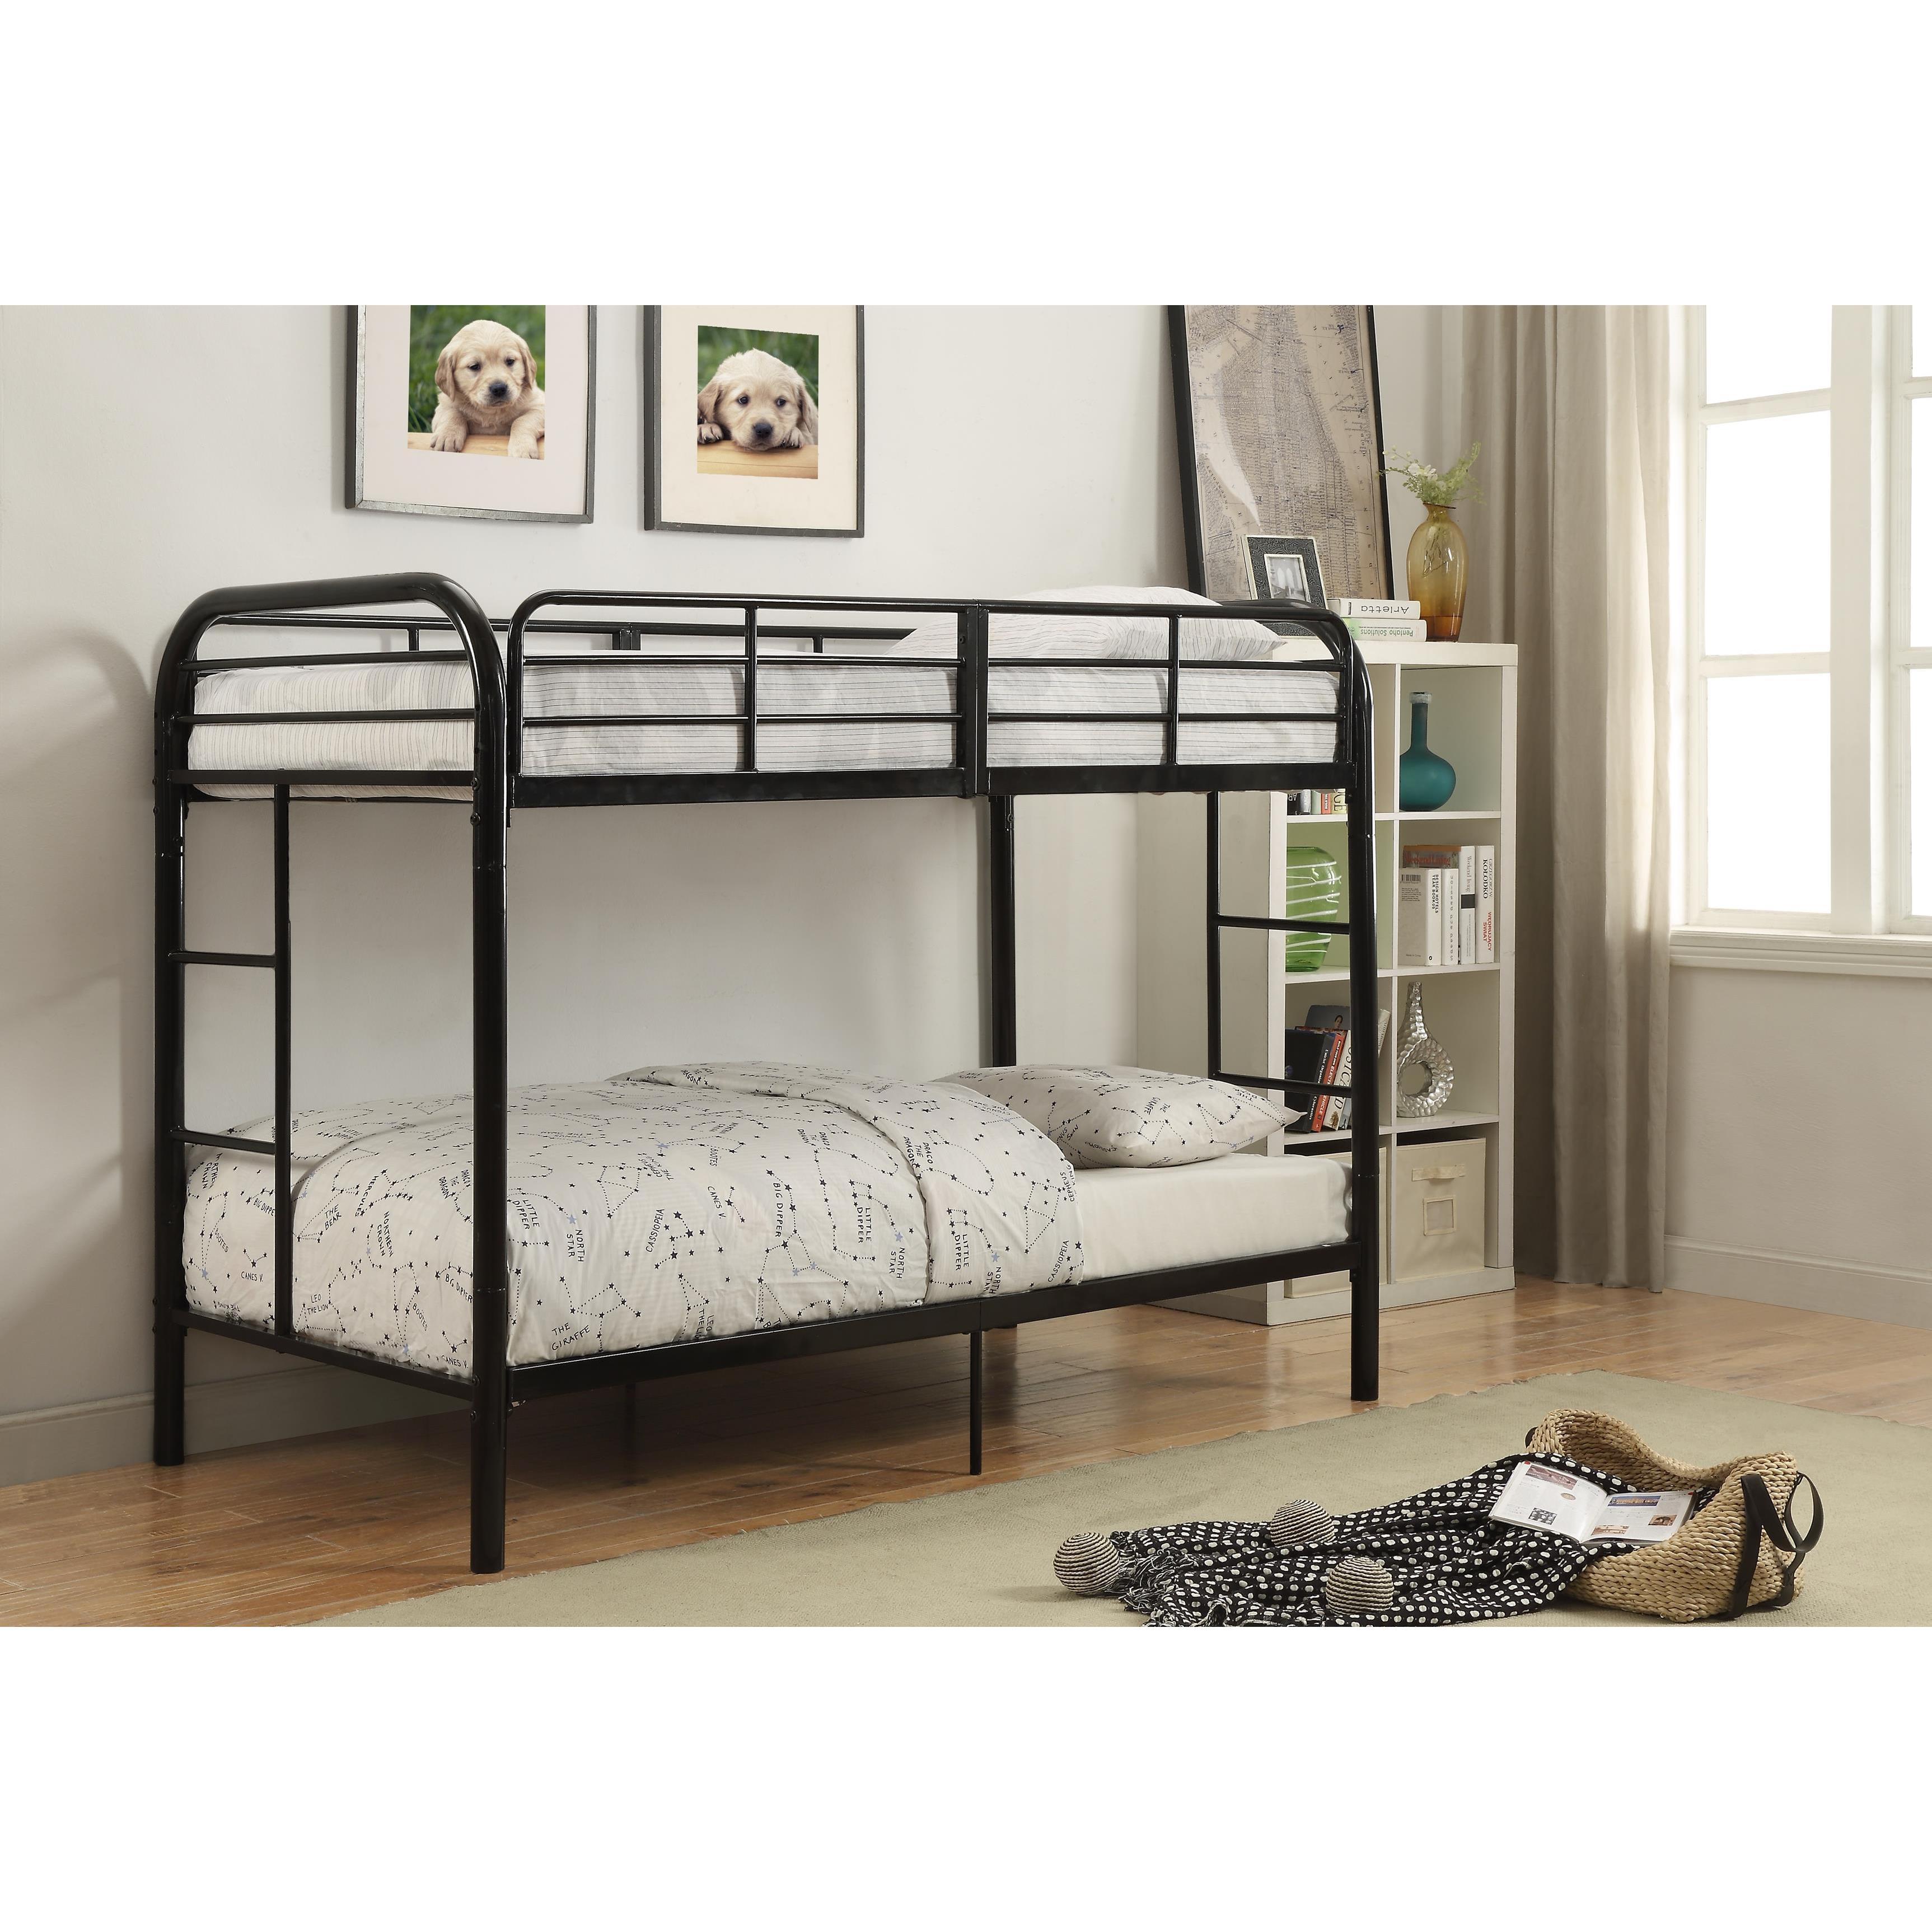 ACME Furniture Thomas Black Metal Twin-Over-Twin Bunk Bed...